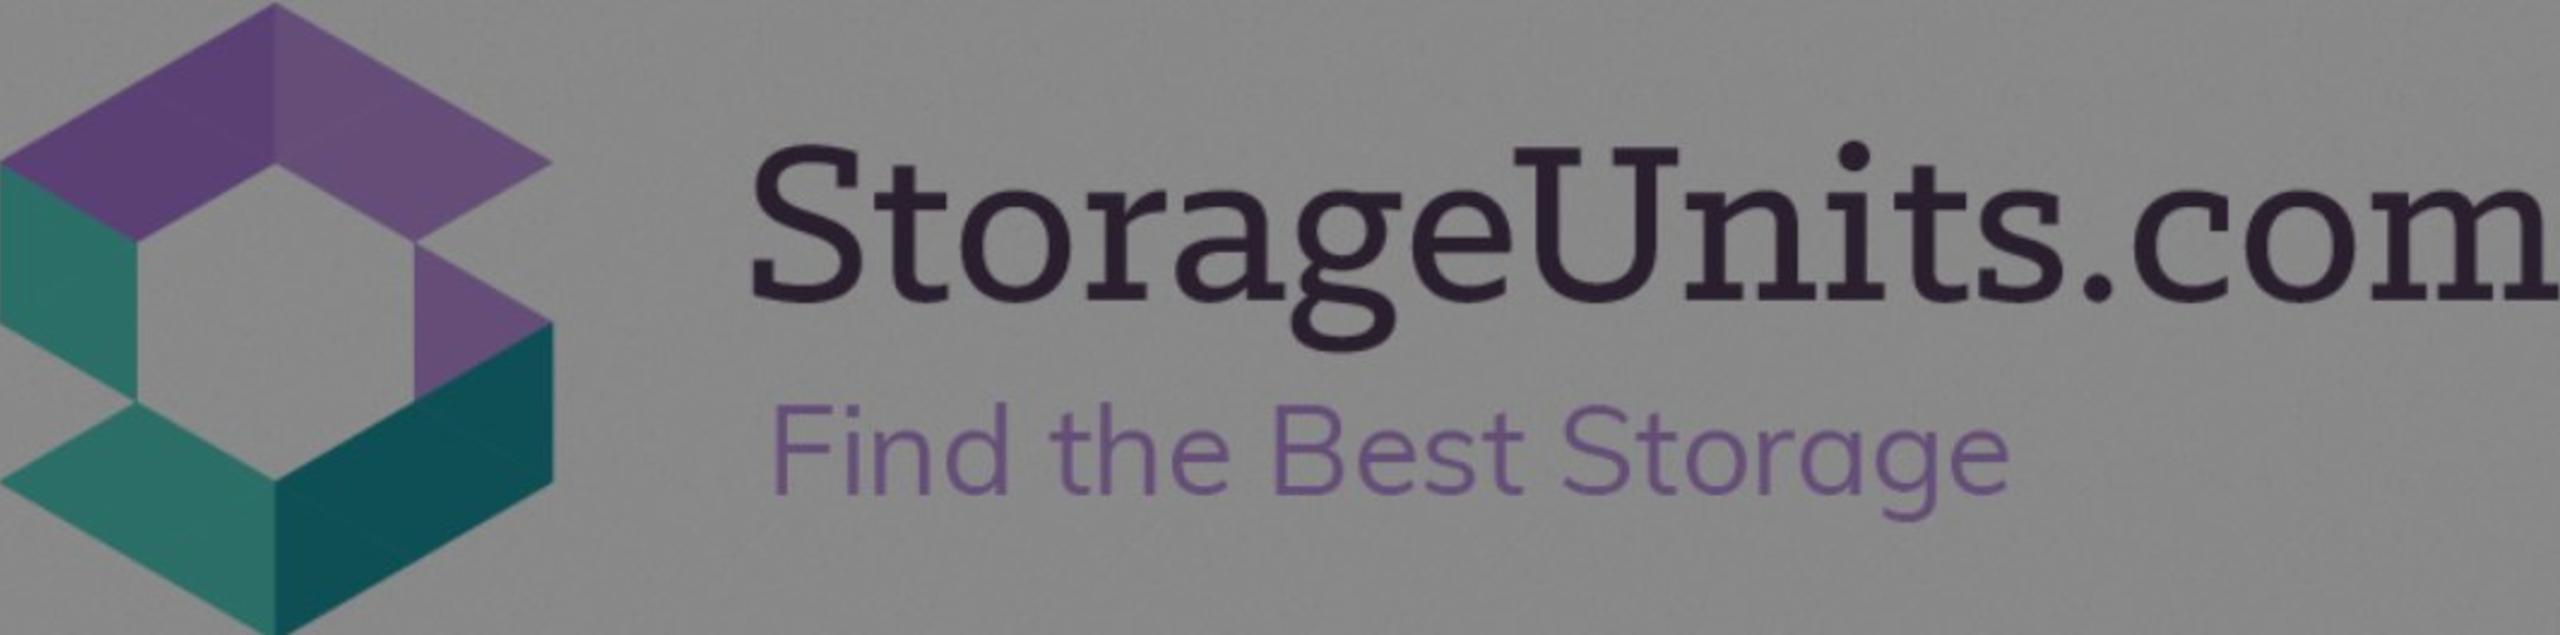 Best Storage Units In AZ!